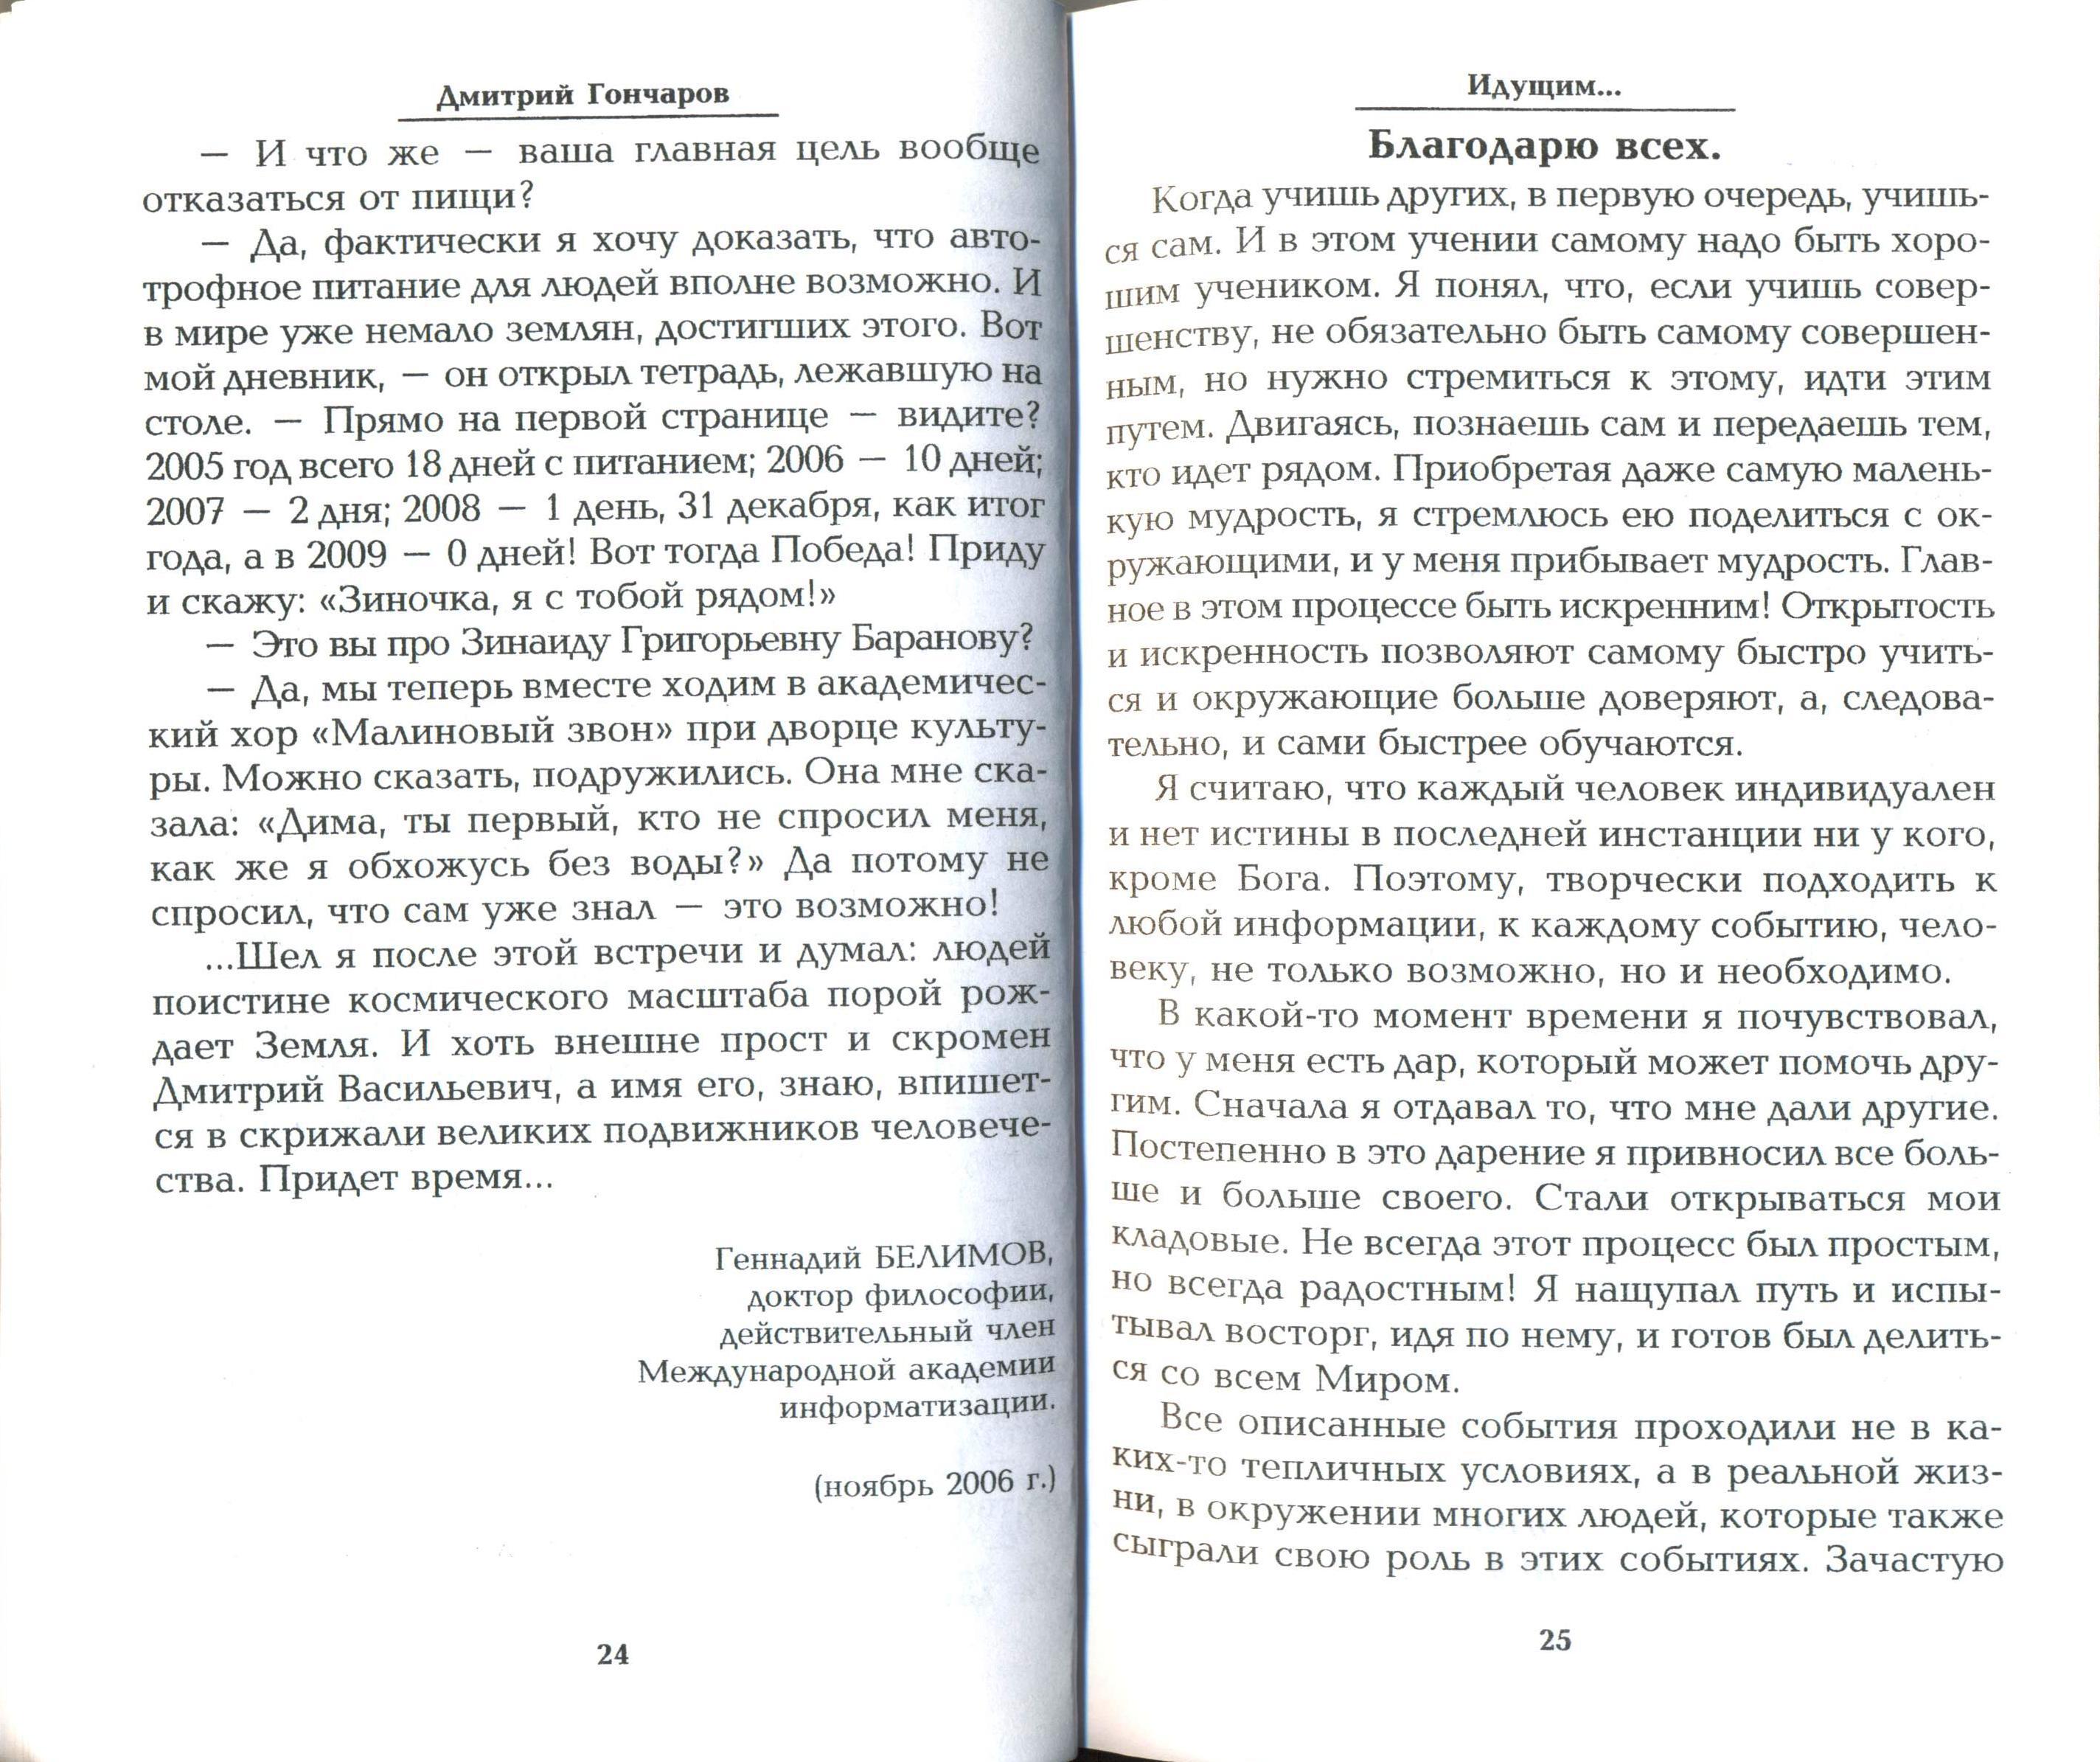 стр.24 Статья Г.Белимова окончание.jpg